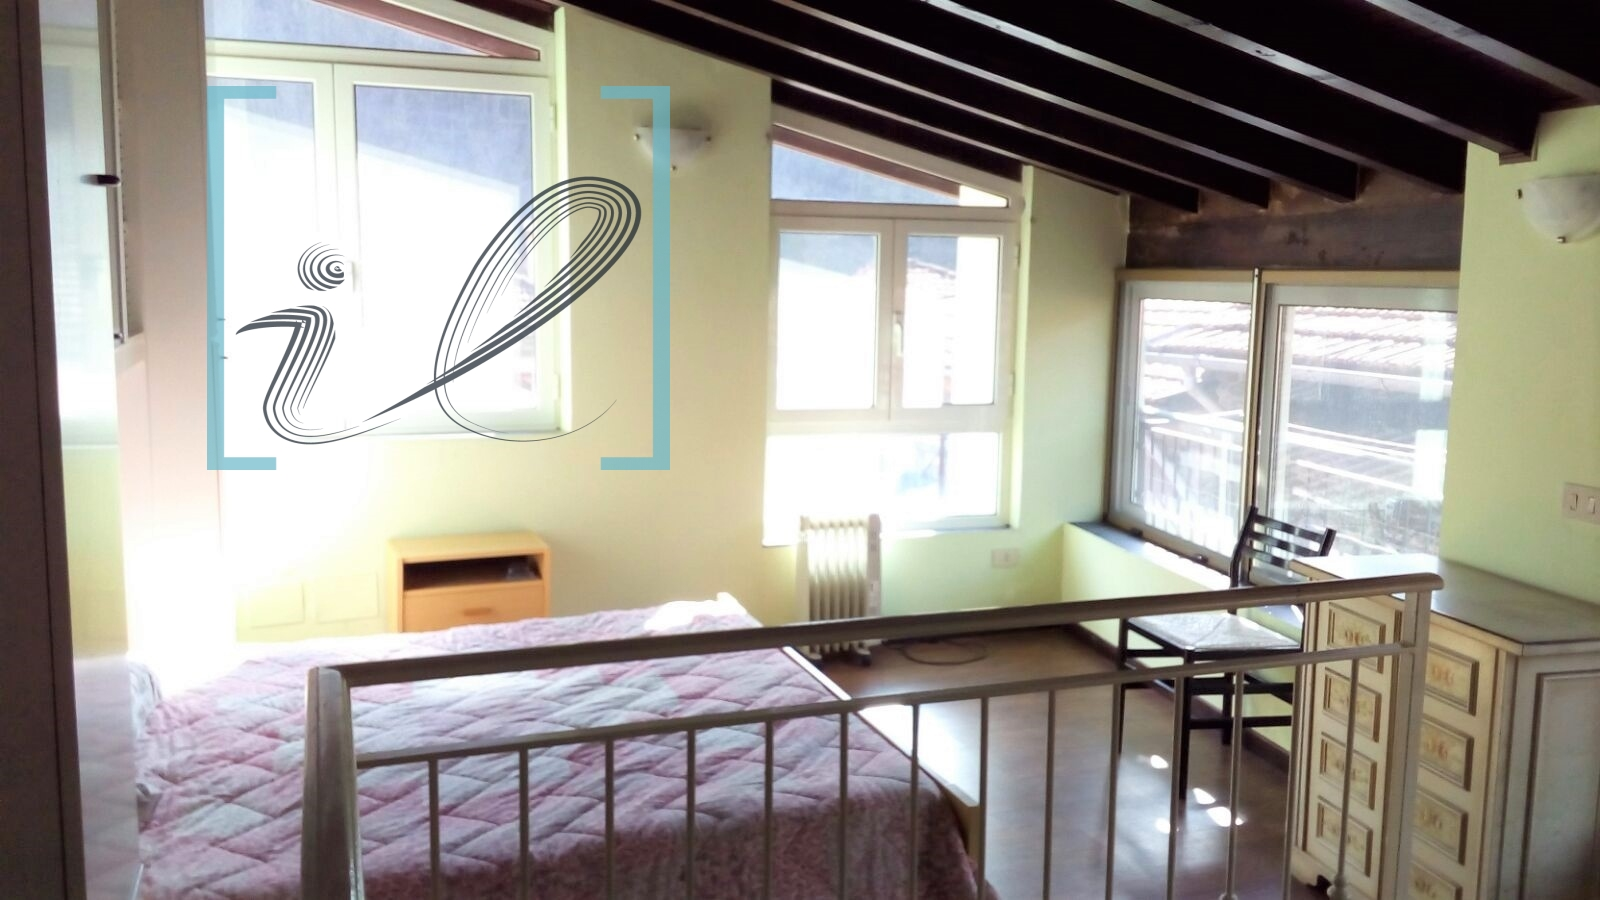 Appartamento in vendita a Vessalico, 4 locali, prezzo € 85.000 | CambioCasa.it